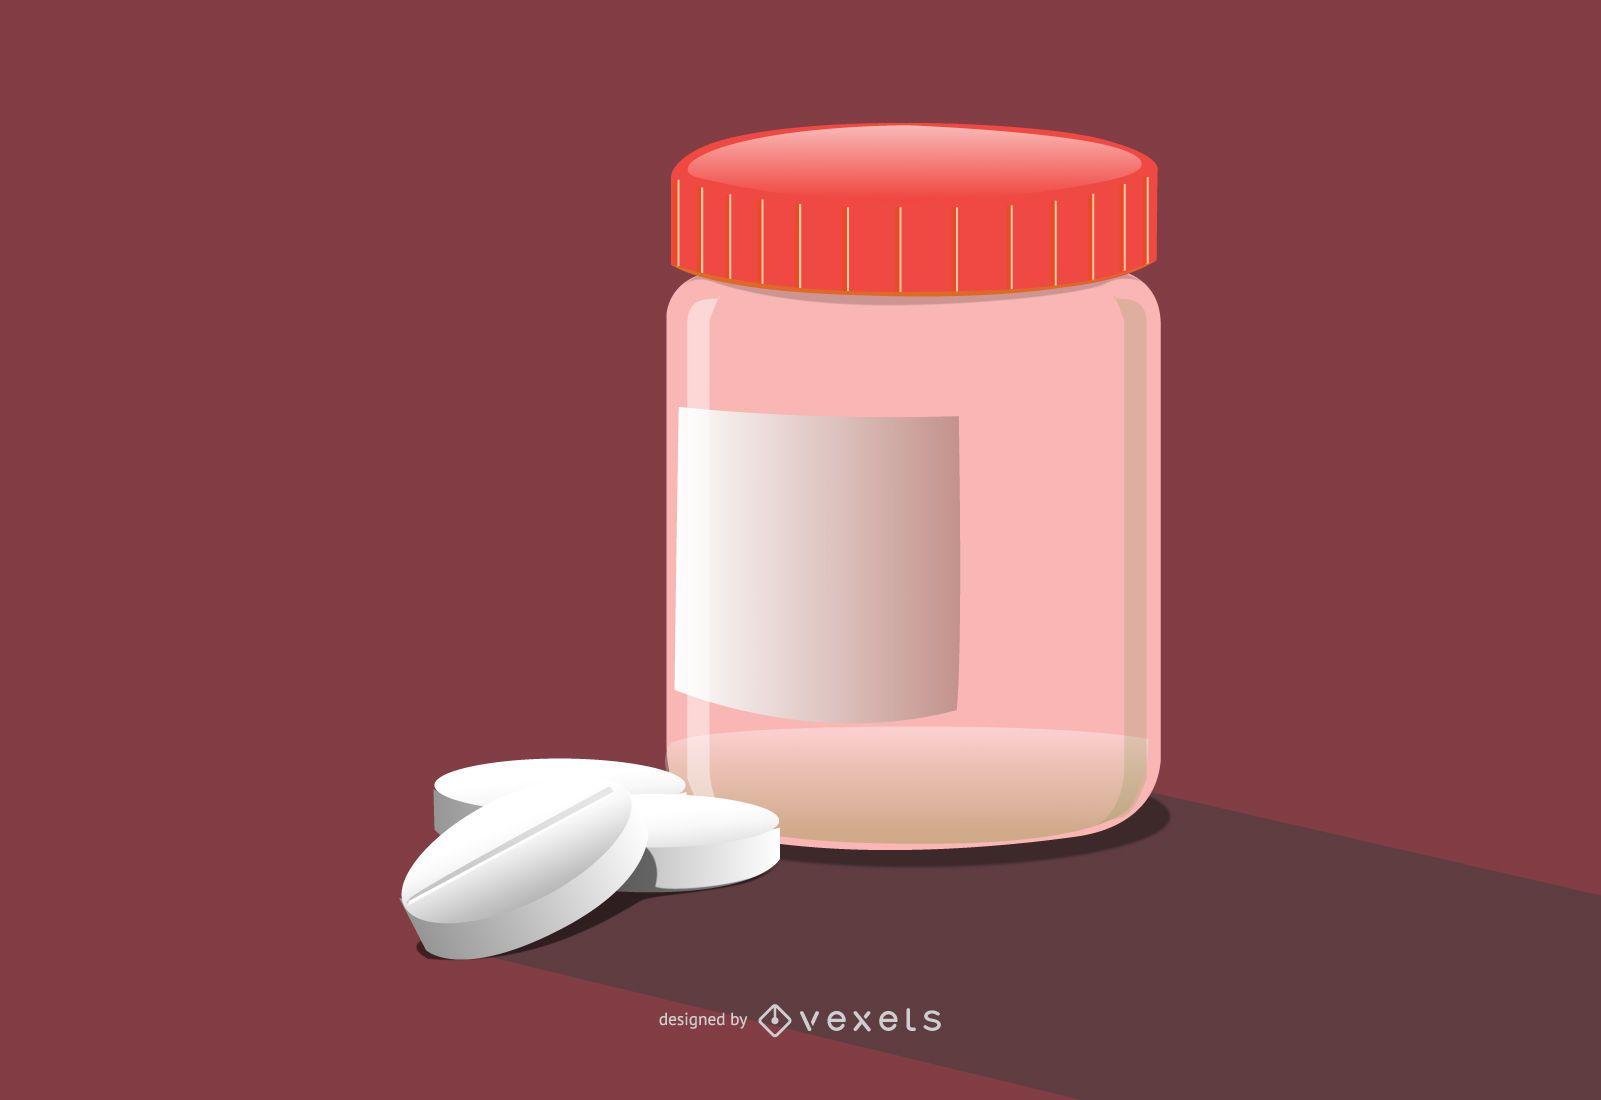 pills bottle illustration design